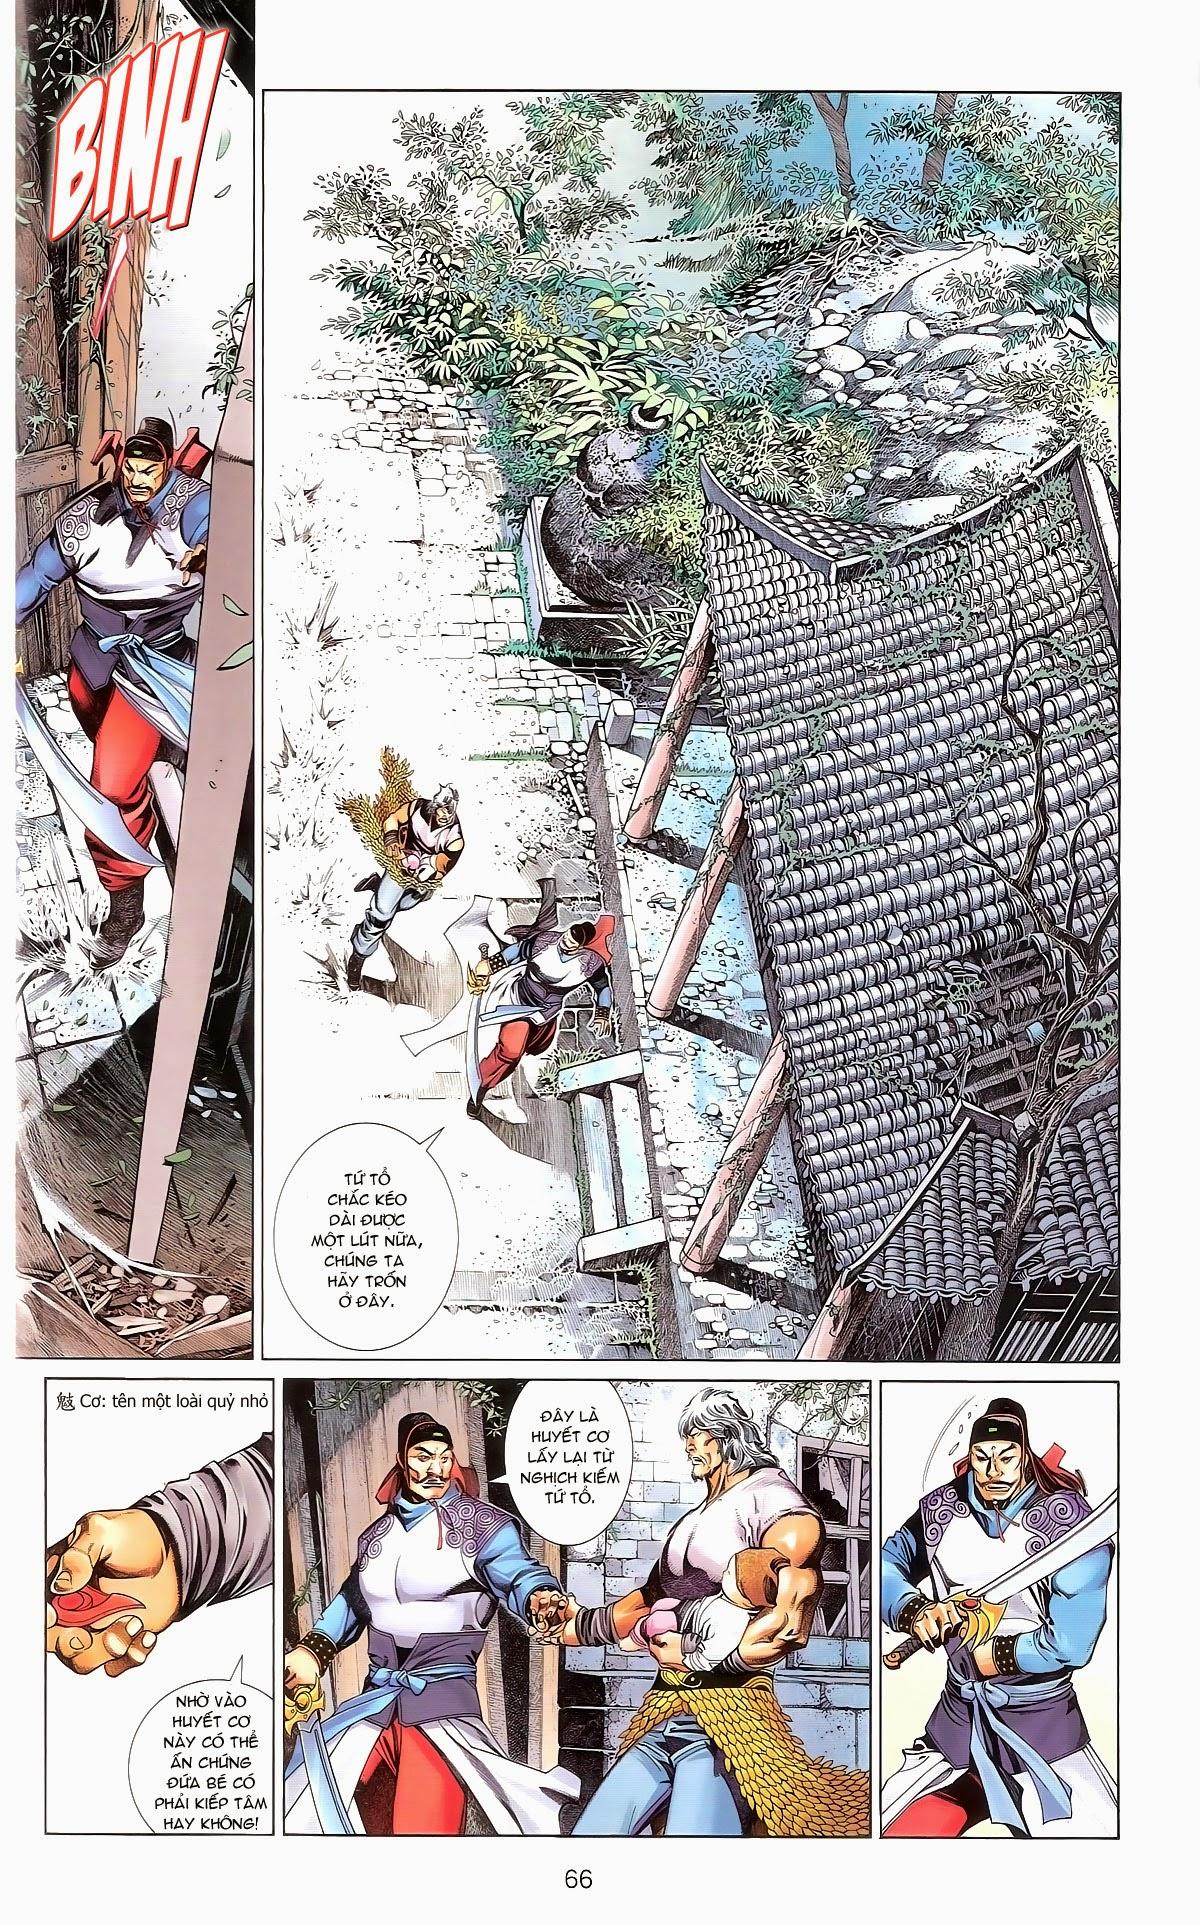 Phong Vân chap 674 – End Trang 68 - Mangak.info